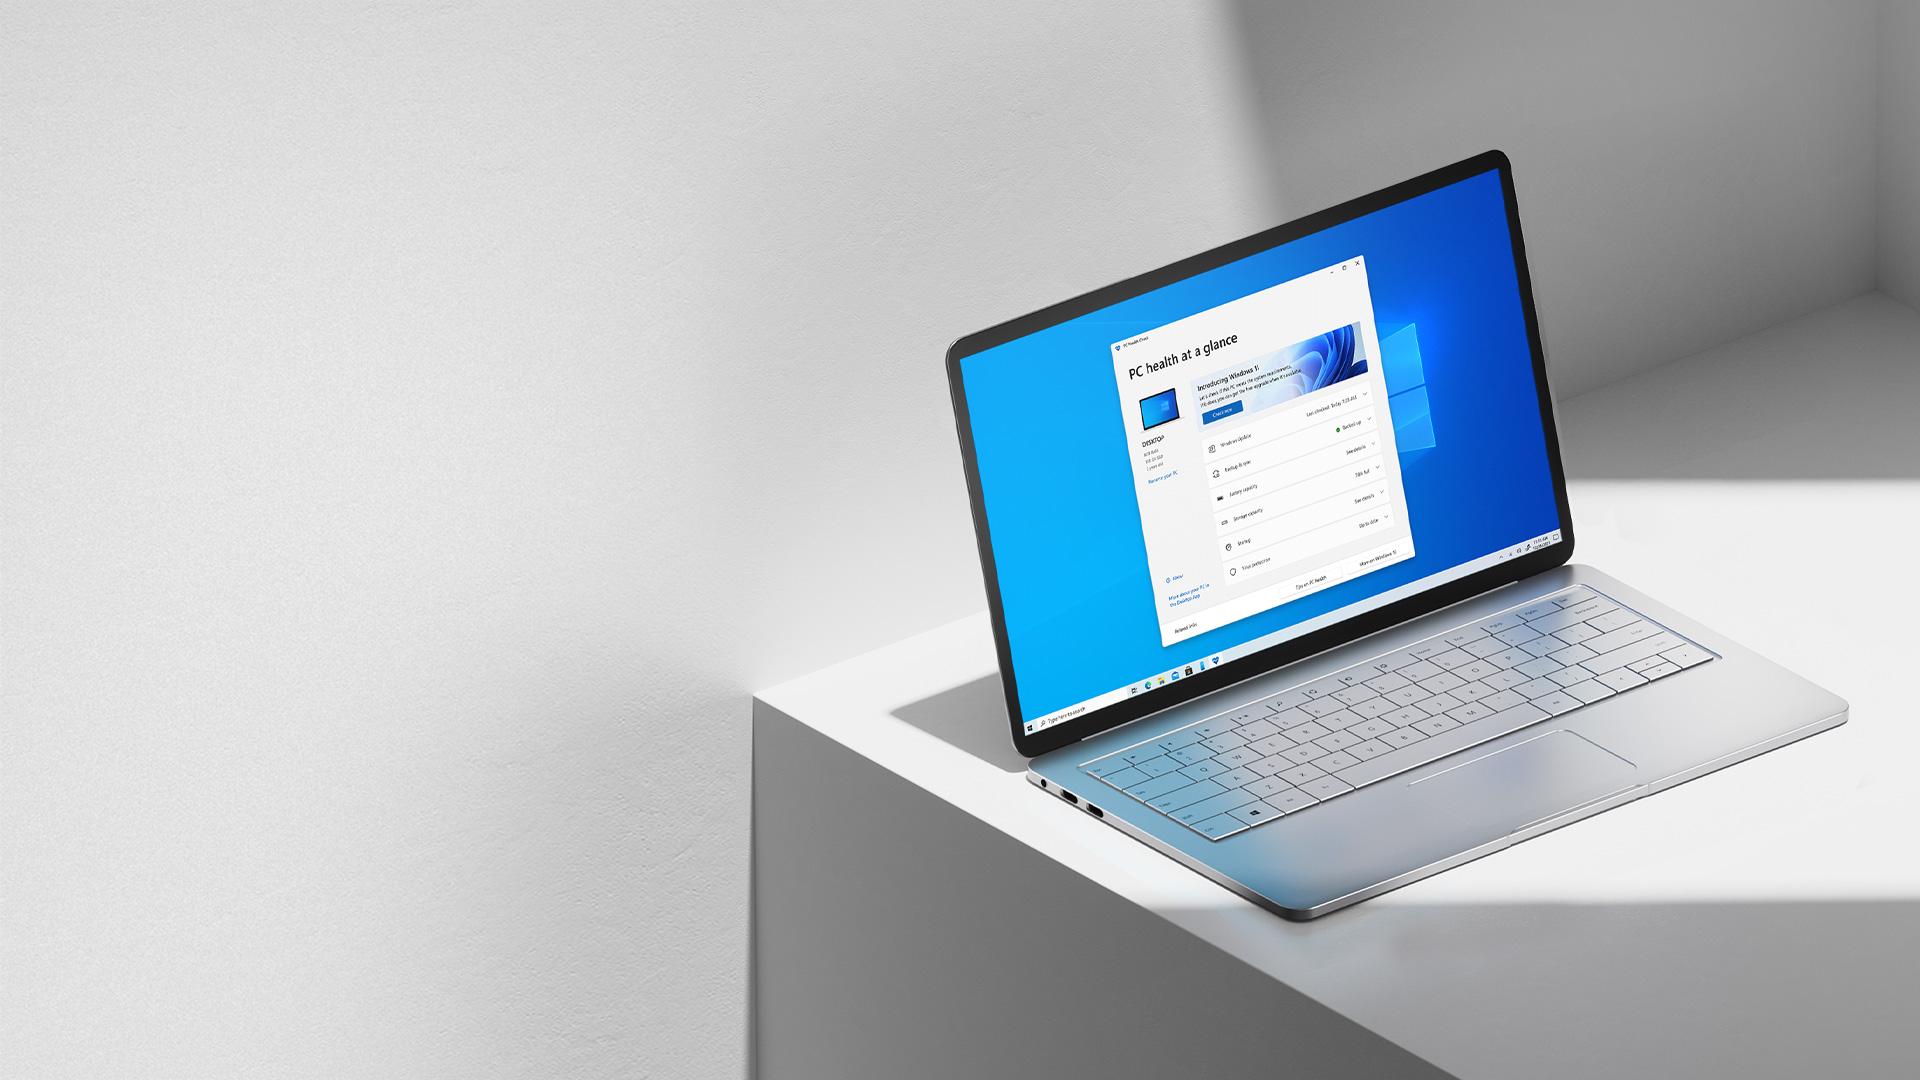 PC-Zustand auf einen Blick, Fenster auf einem Laptop